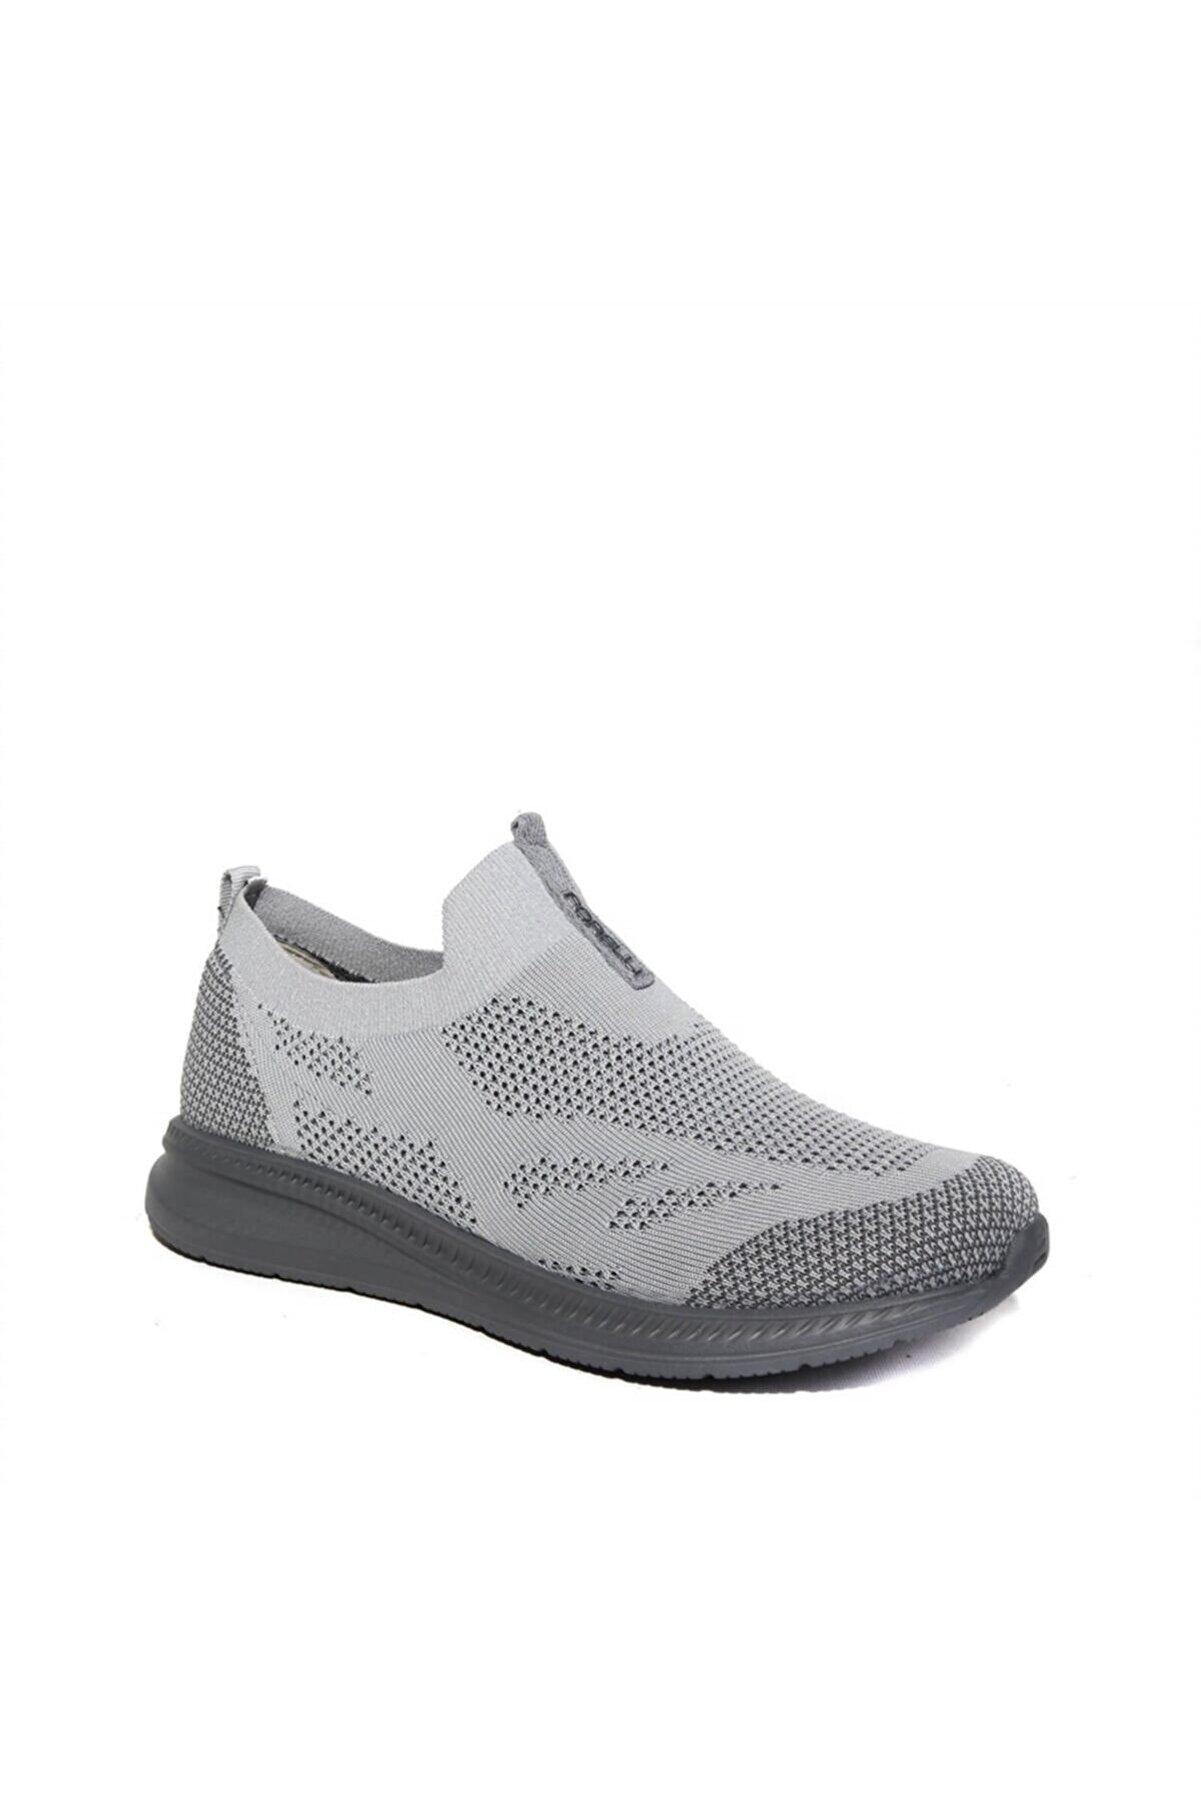 Forelli Kadın Ayakkabı